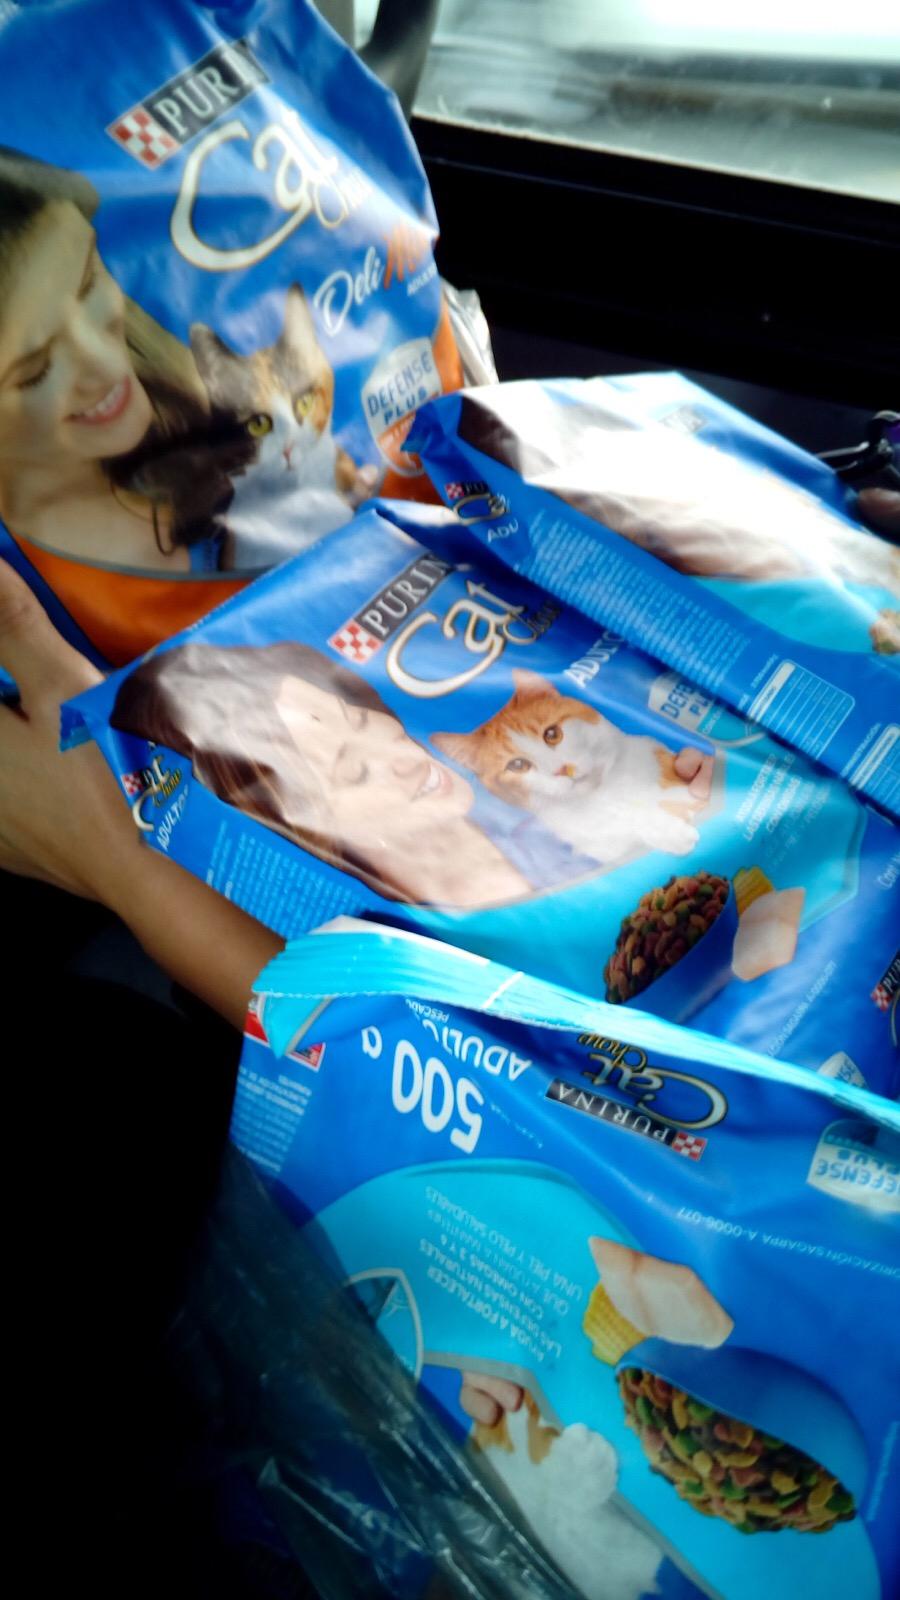 Walmart Villa Coapa: 4kg de Cat Chow x $69 pesos